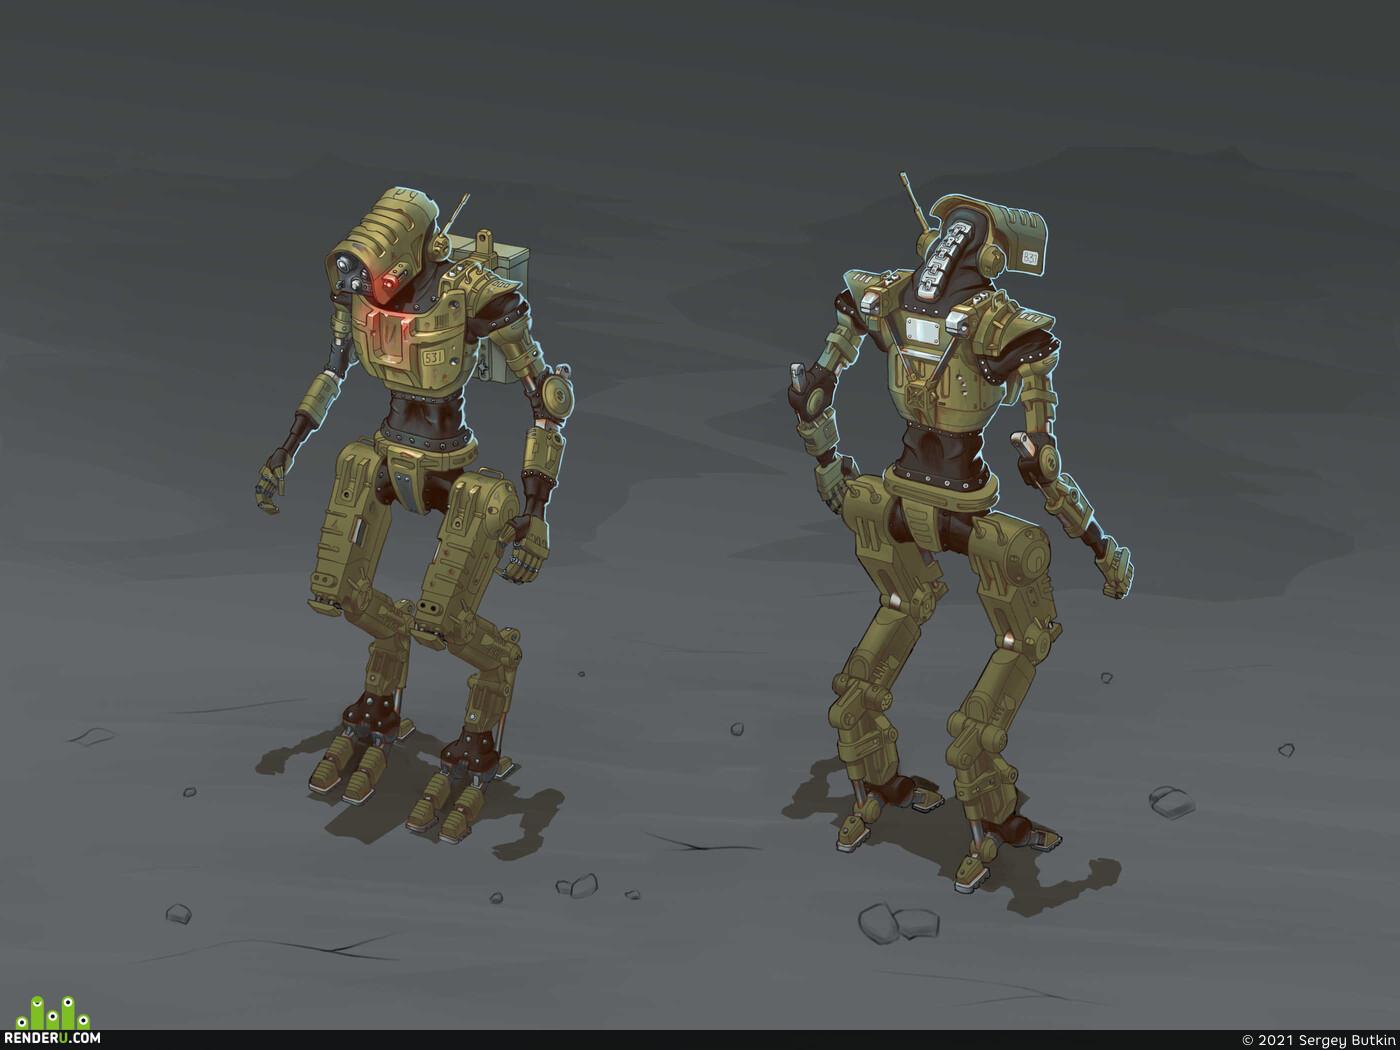 digital 2D, Concept Art, Mecha, character design